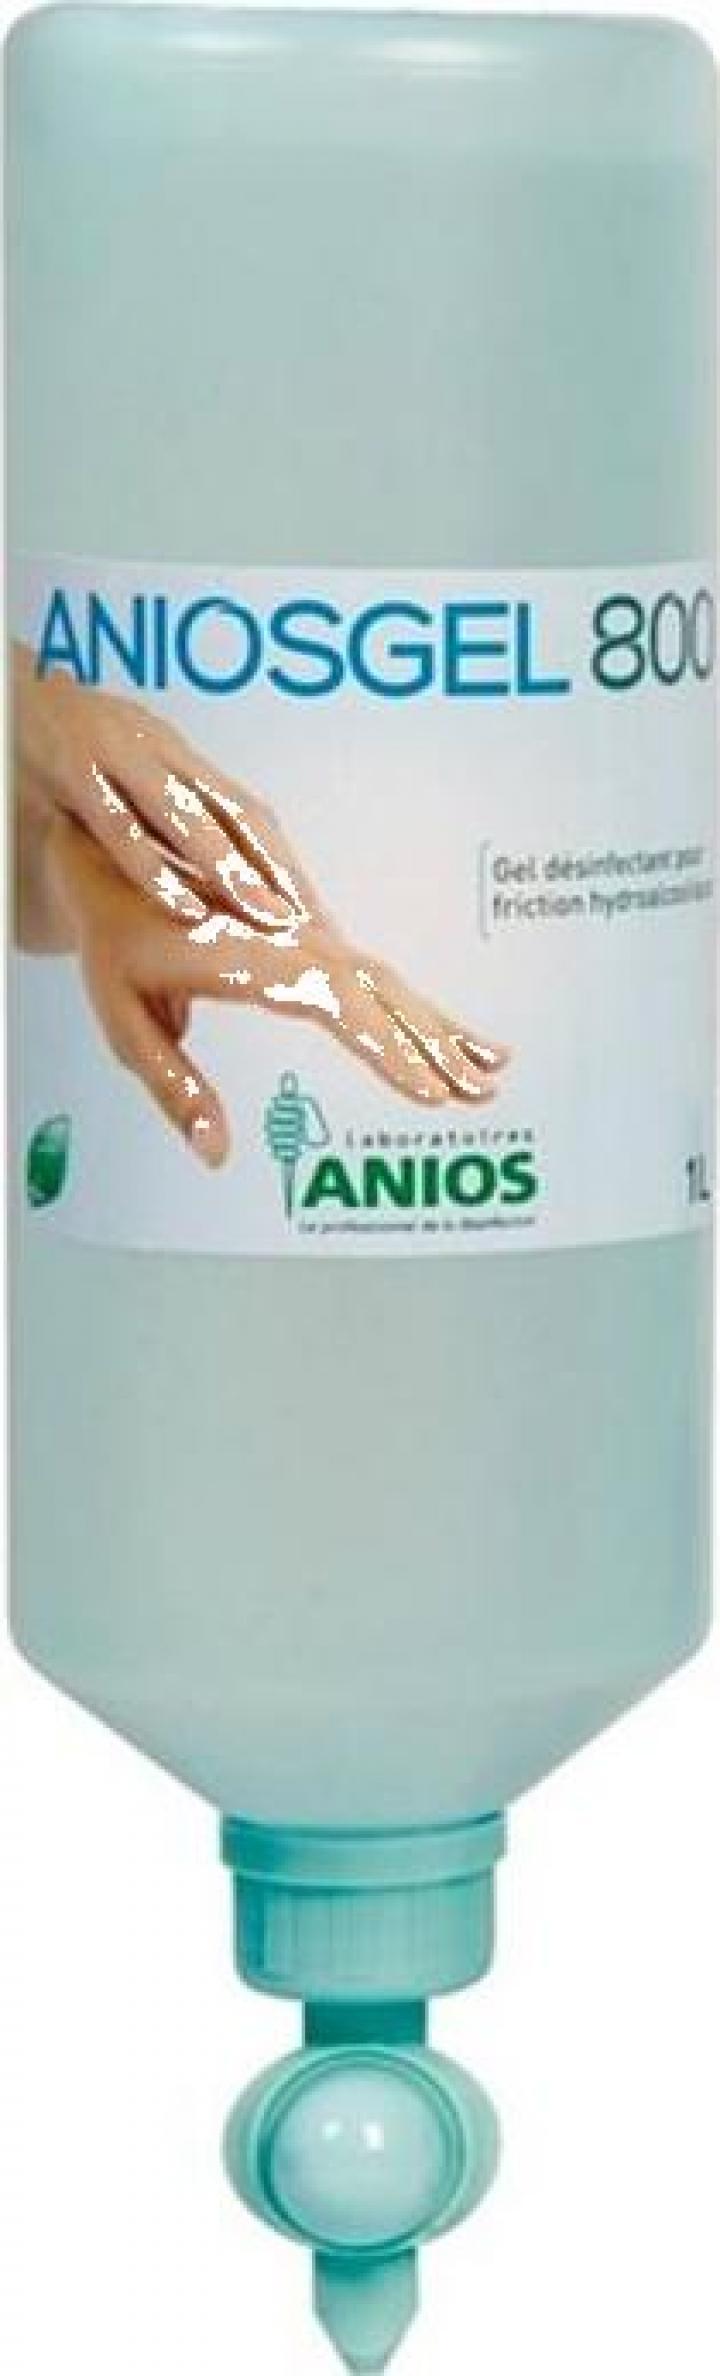 Dezinfectant pentru maini Aniosgel 800 Airless, 1L